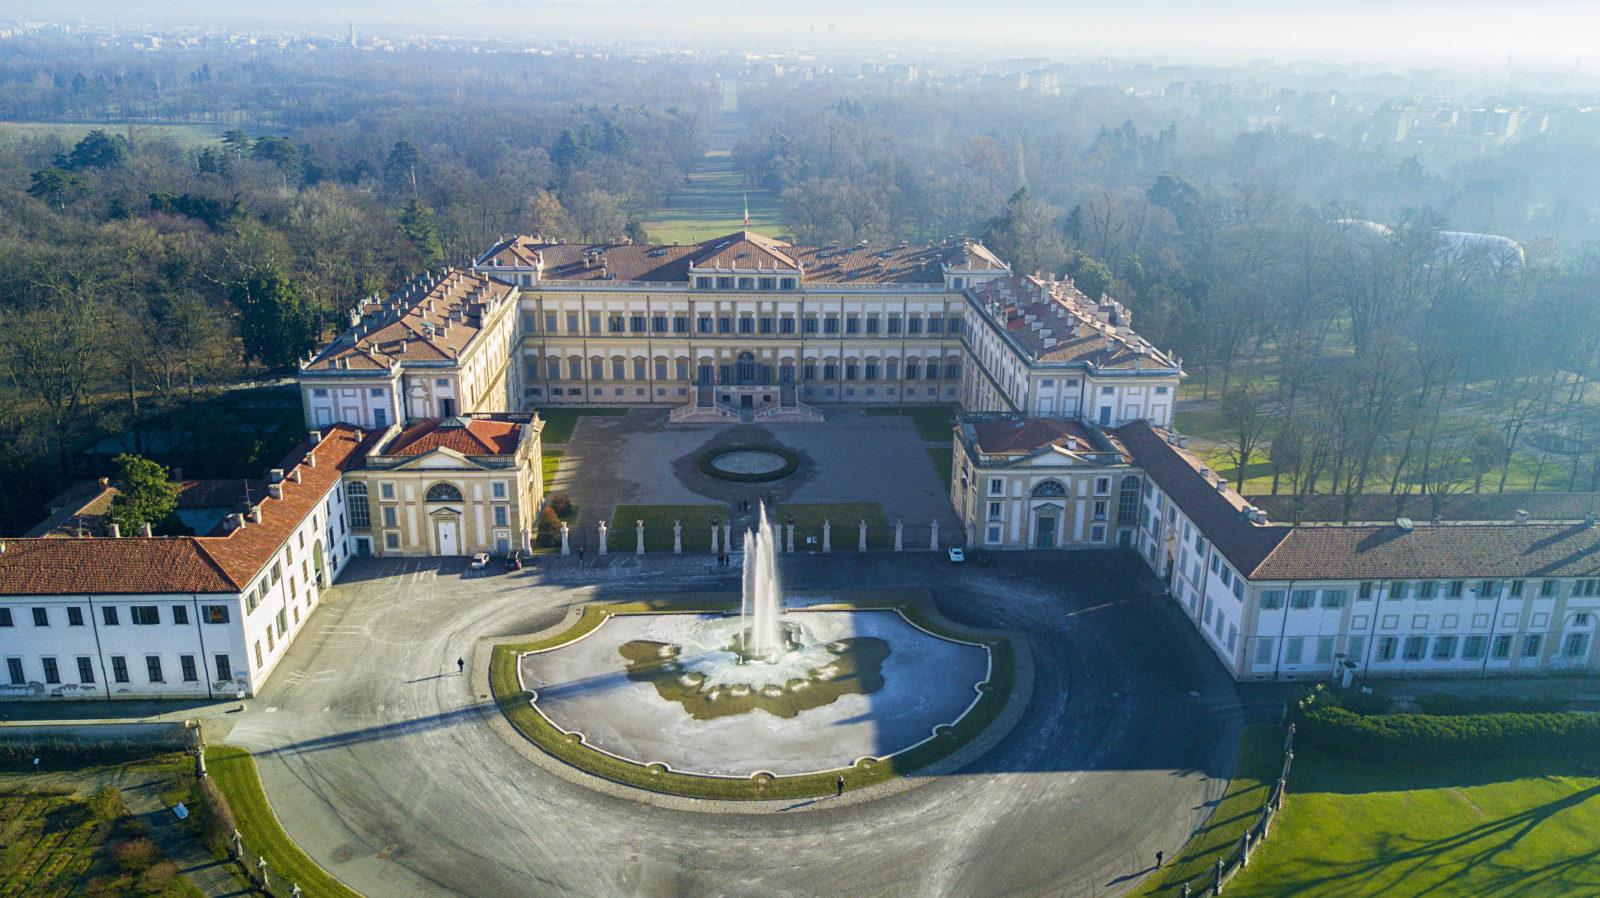 Servizi di Vigilanza in Monza Brianza per Privati e Aziende